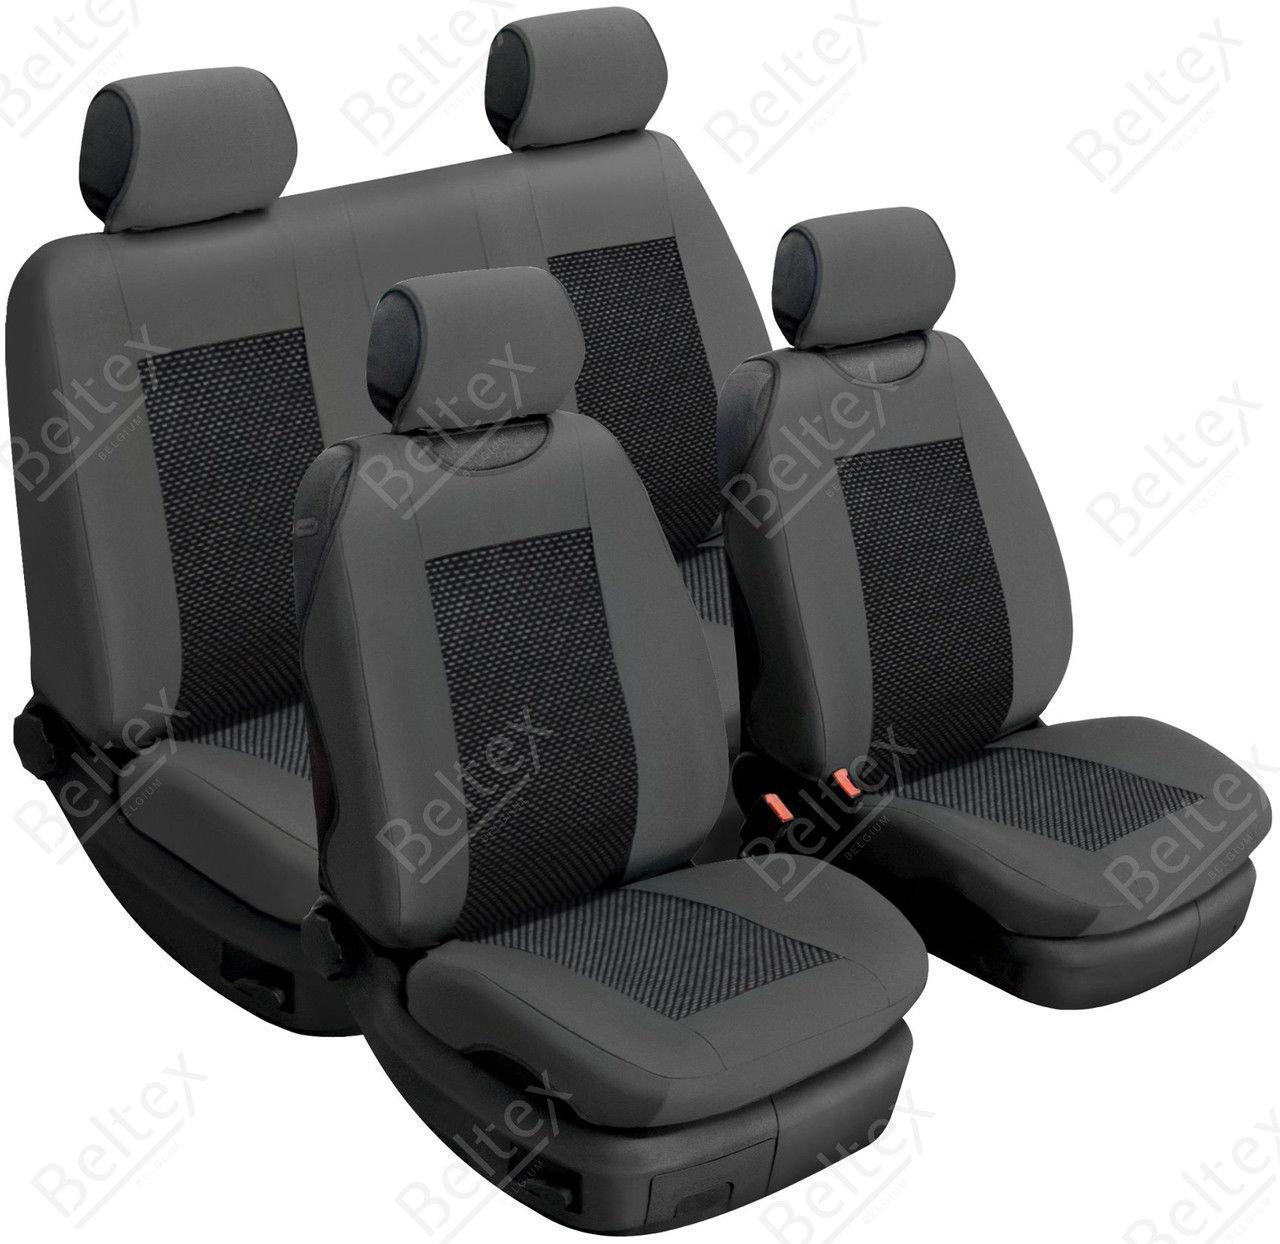 Майки/чехлы на сиденья Ниссан Теана (Nissan Teana)